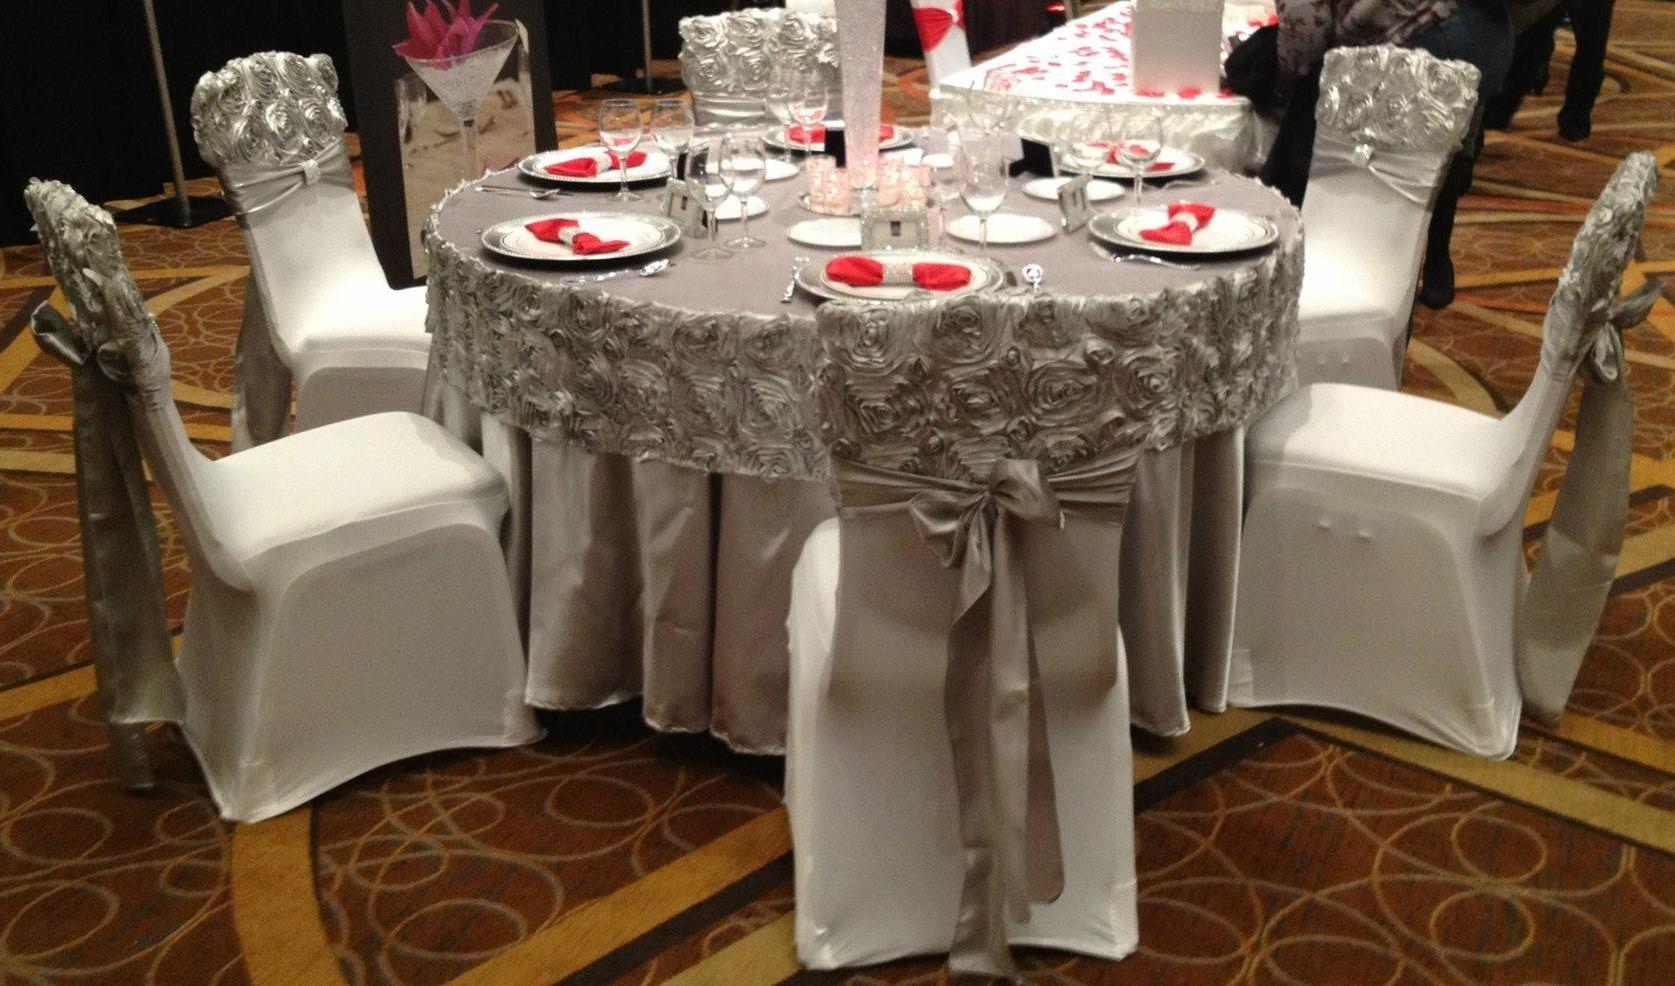 Phenomenal Rosette Chair Caps Banquet Chair Caps Chiavari Chair Caps Pdpeps Interior Chair Design Pdpepsorg